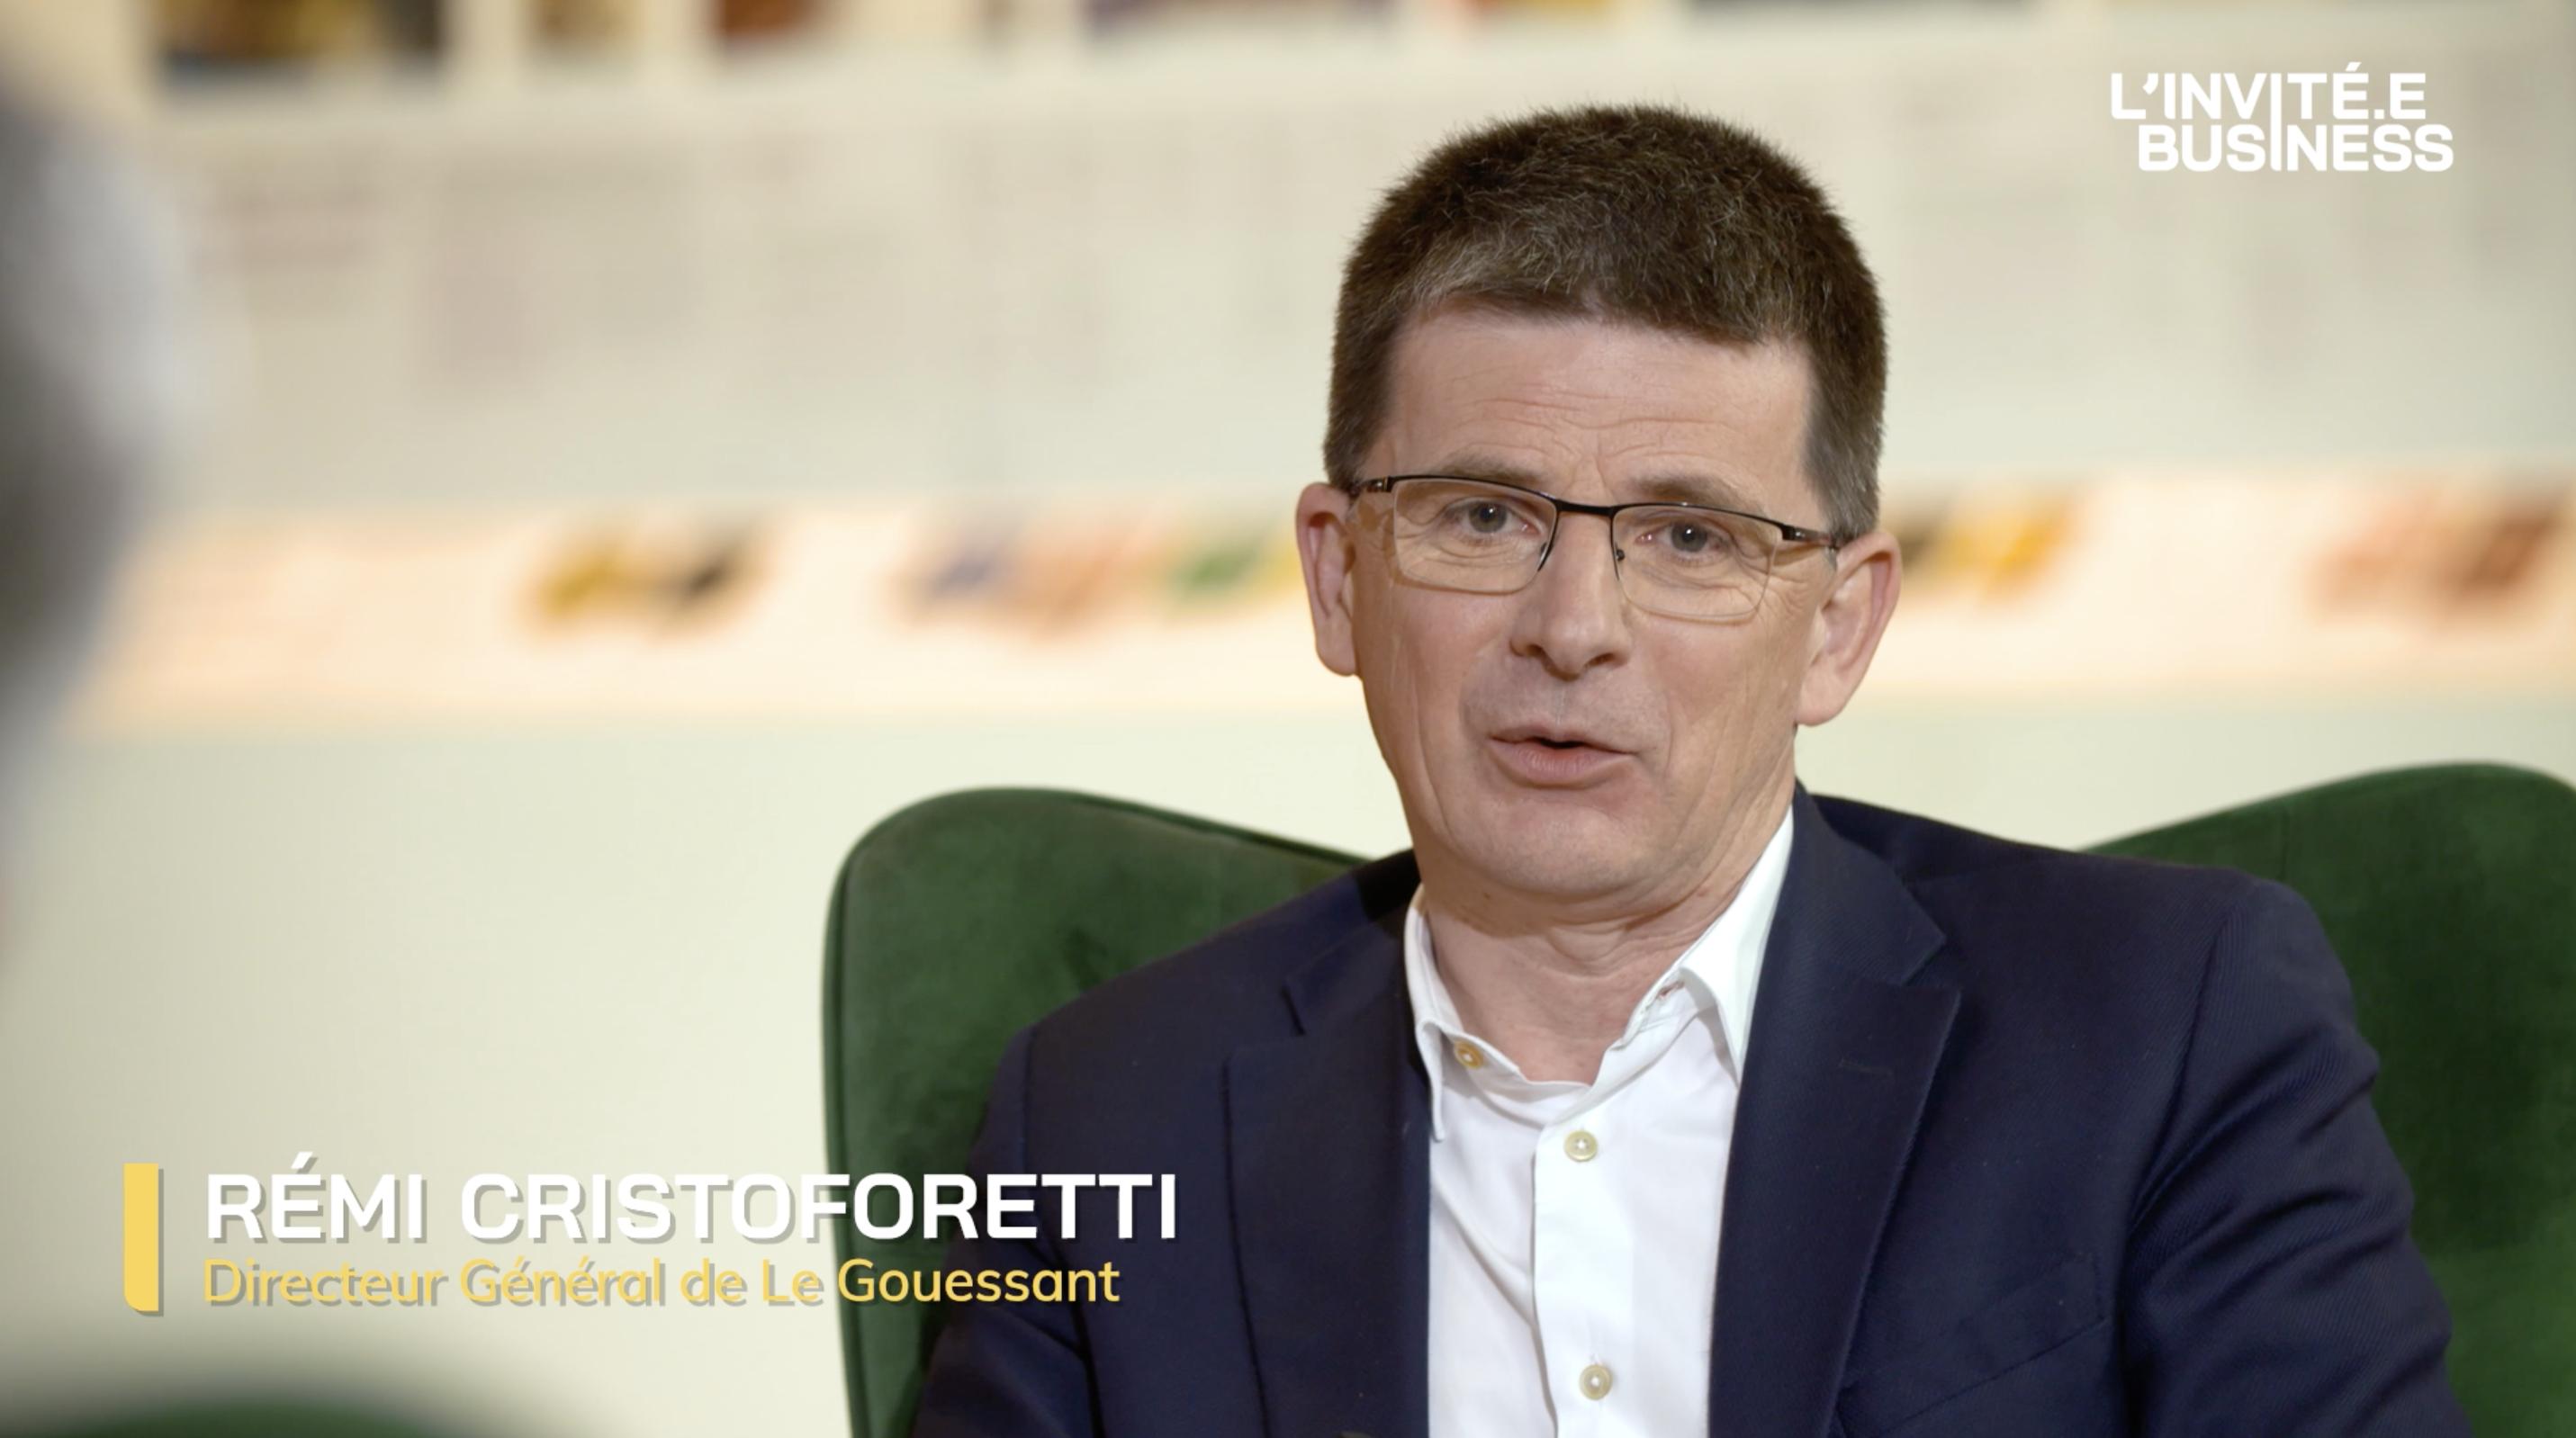 Rémi CRISTOFORETTI, Directeur Général de Le Gouessant / Terres de Breizh